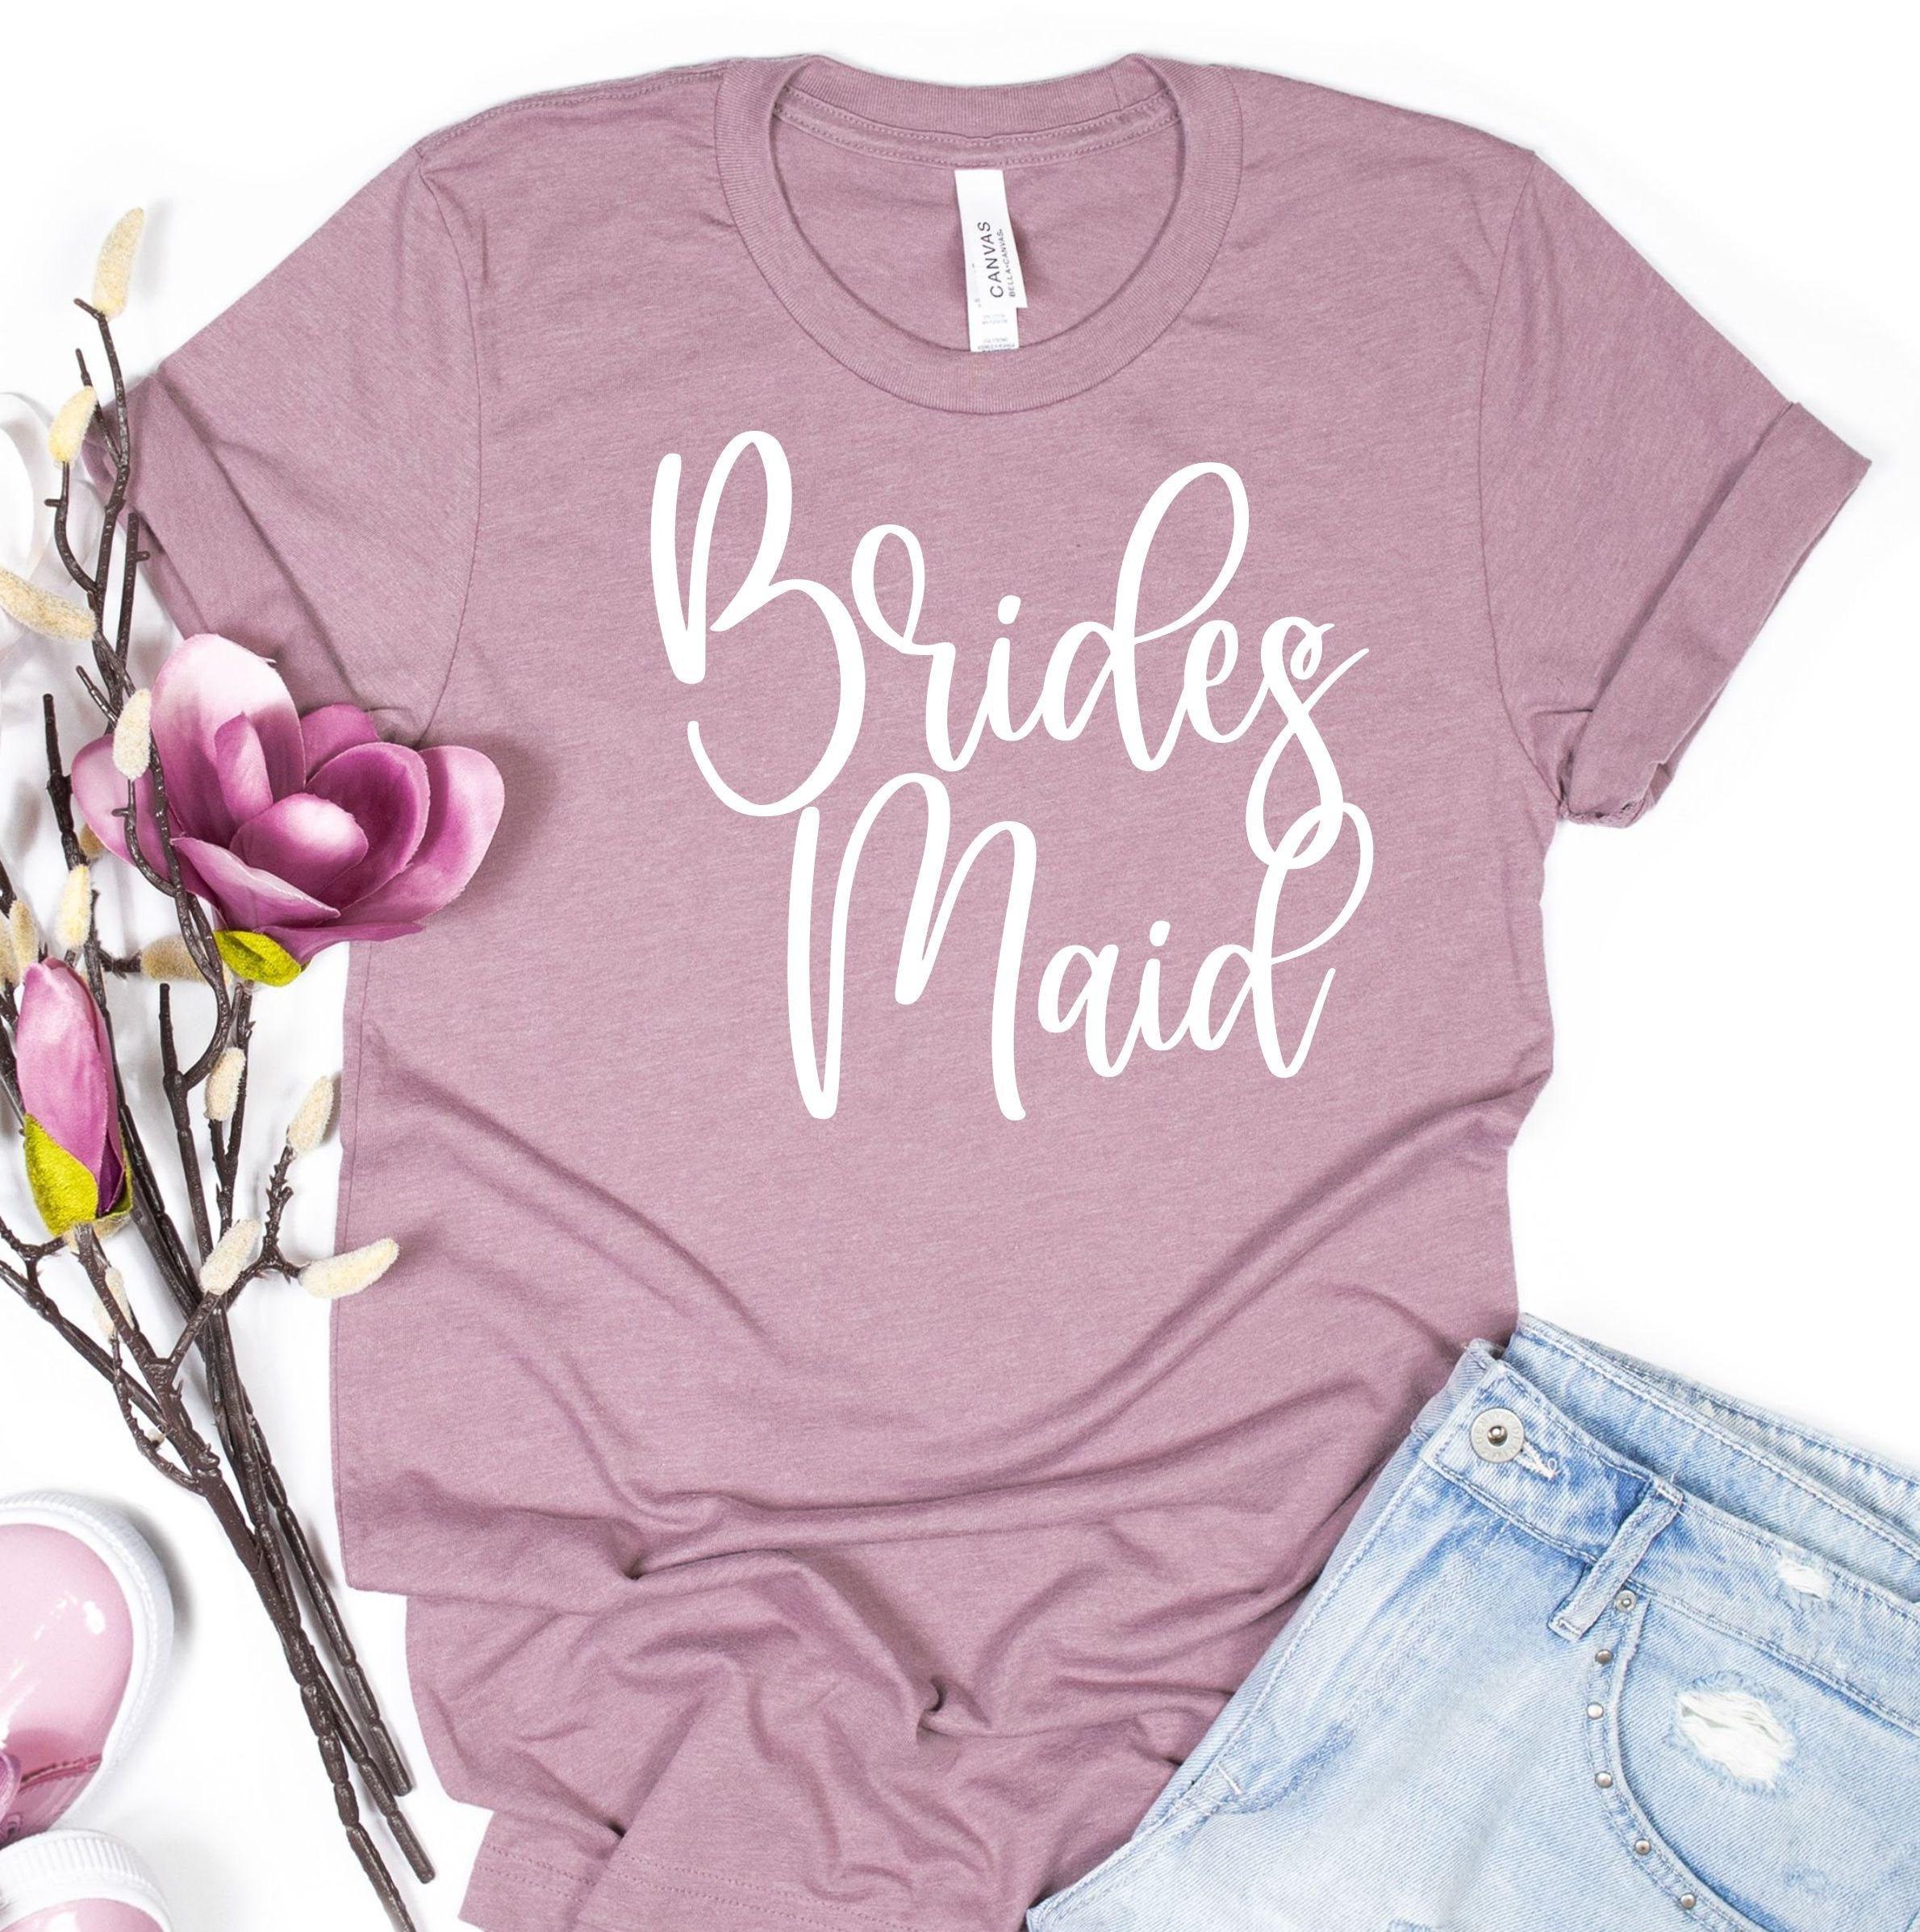 Bridesmaid-svg-squad-svg-bridesmaid-svg-bridal-party-svg-bride-svg-wedding-svg-design-bachelorette-svg-design-bridesmaid-cricut-svg-2-600a1828